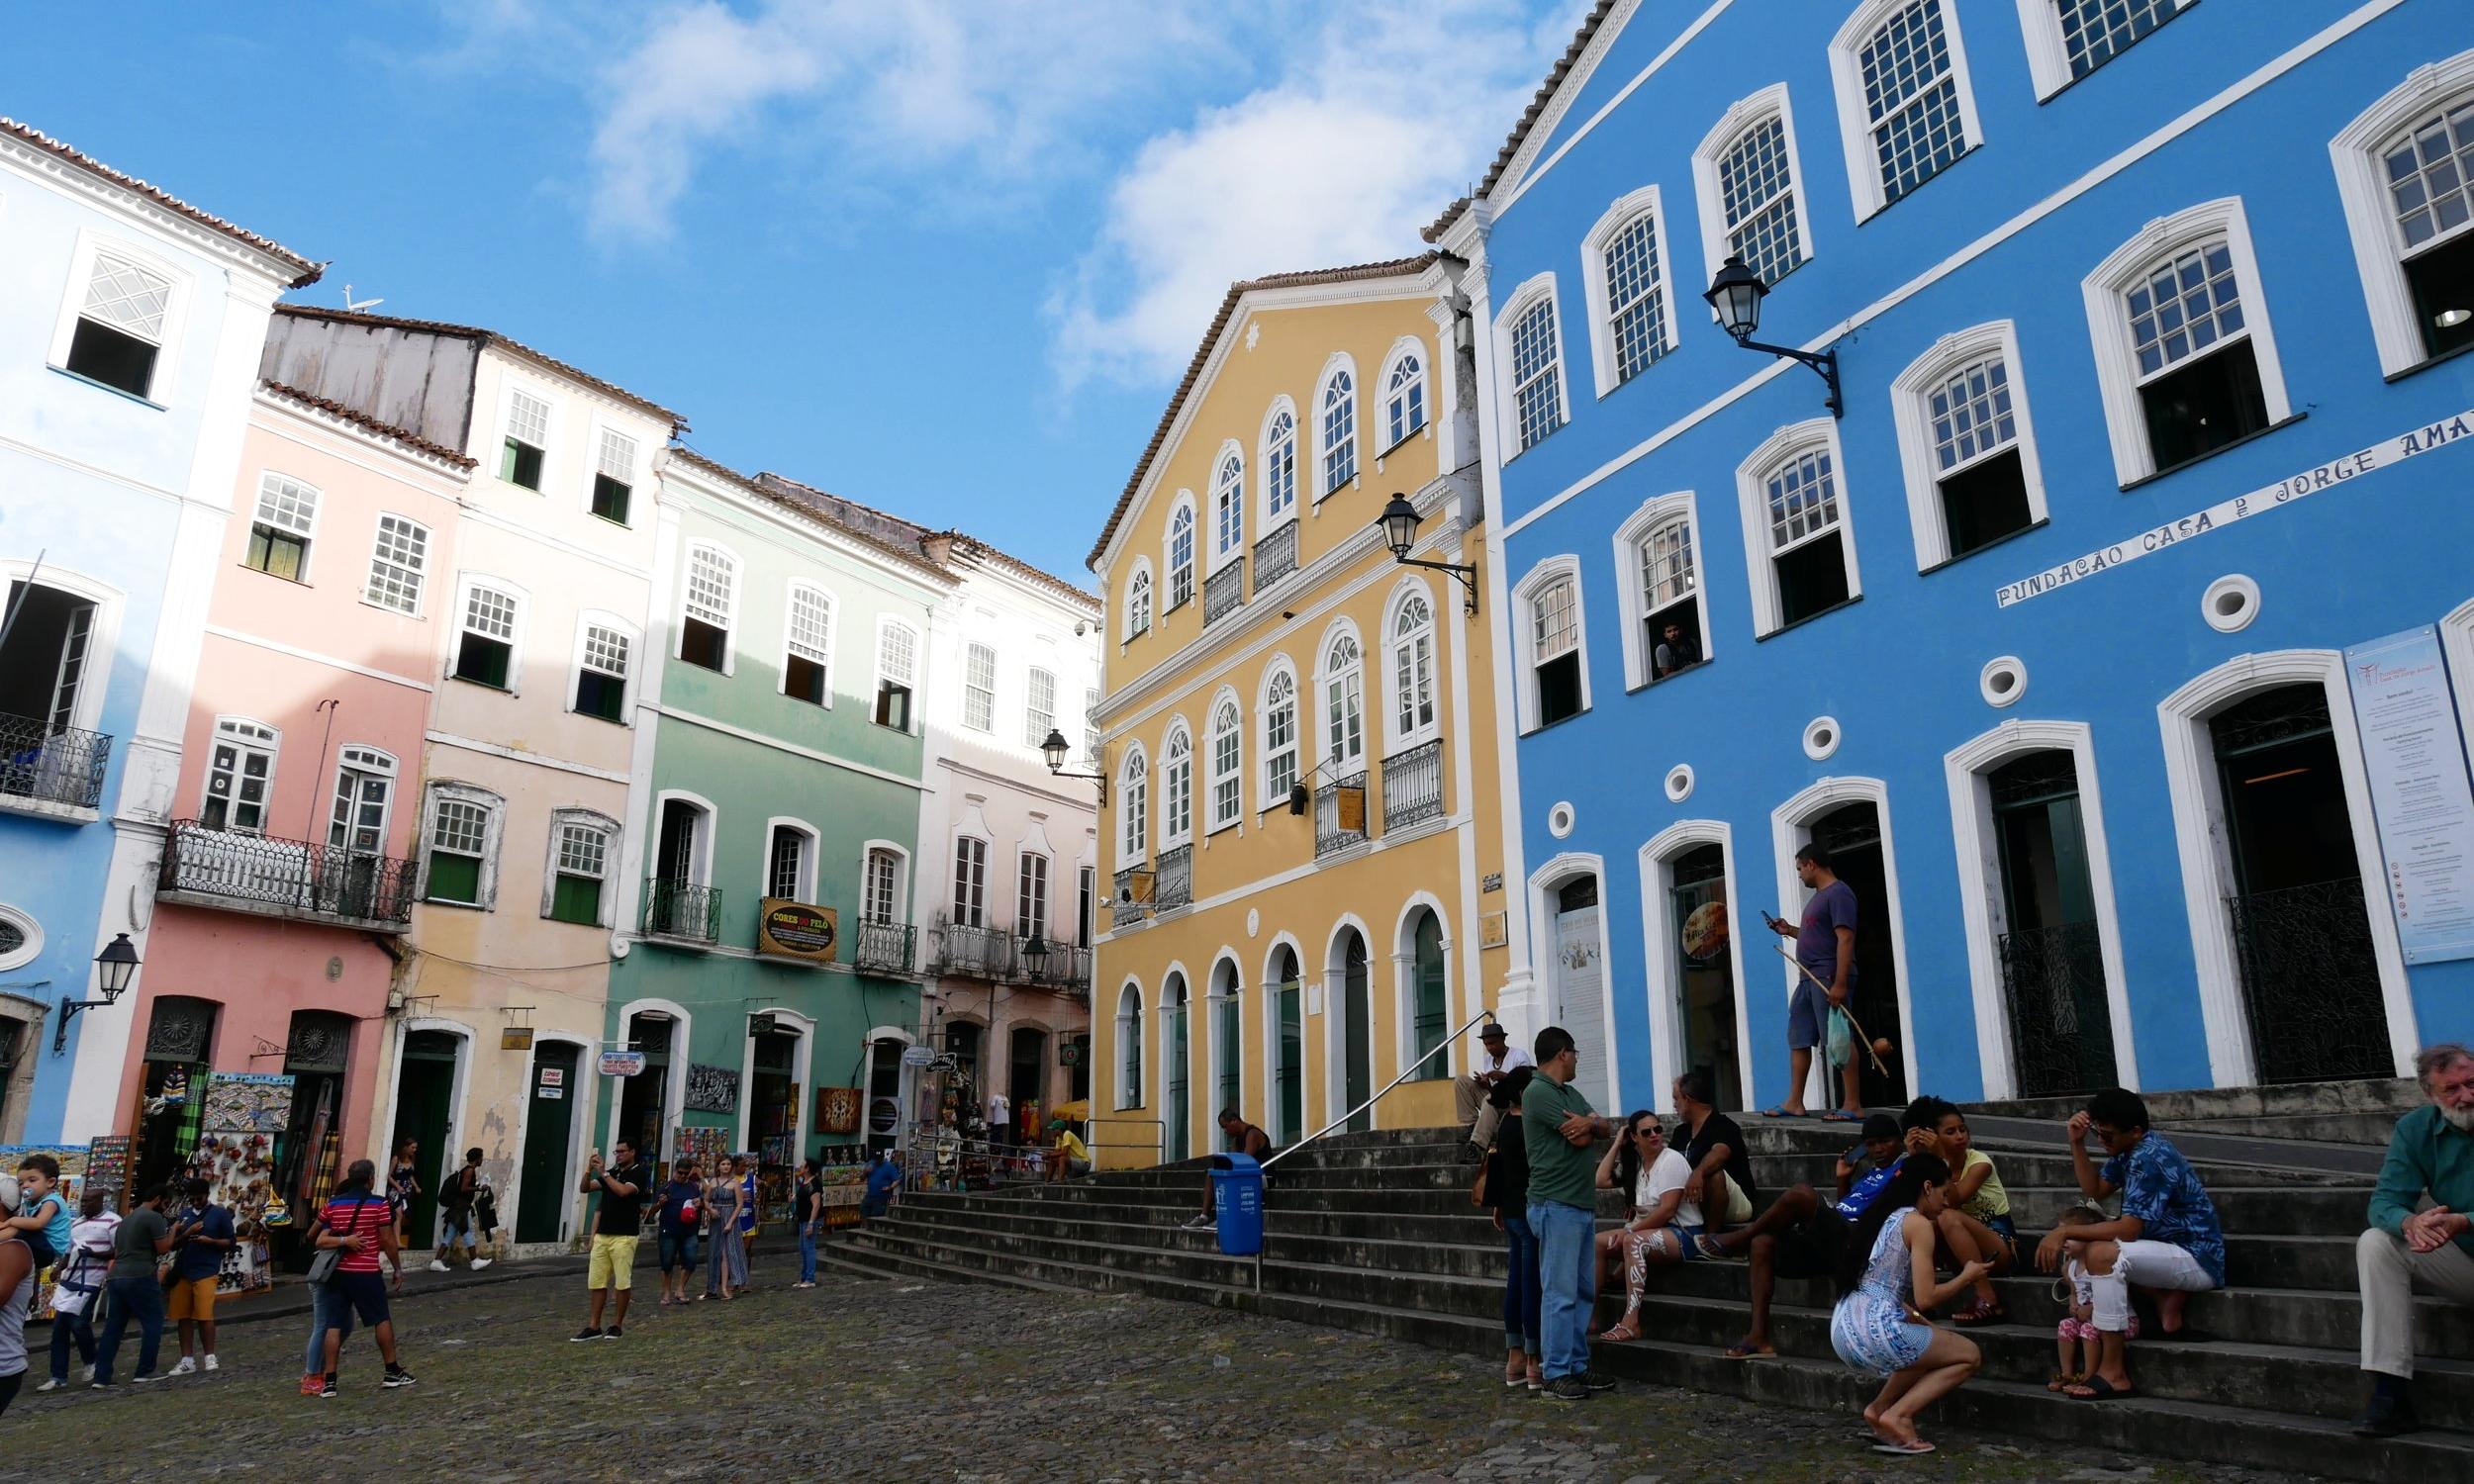 Colonial houses in the Pelourinho